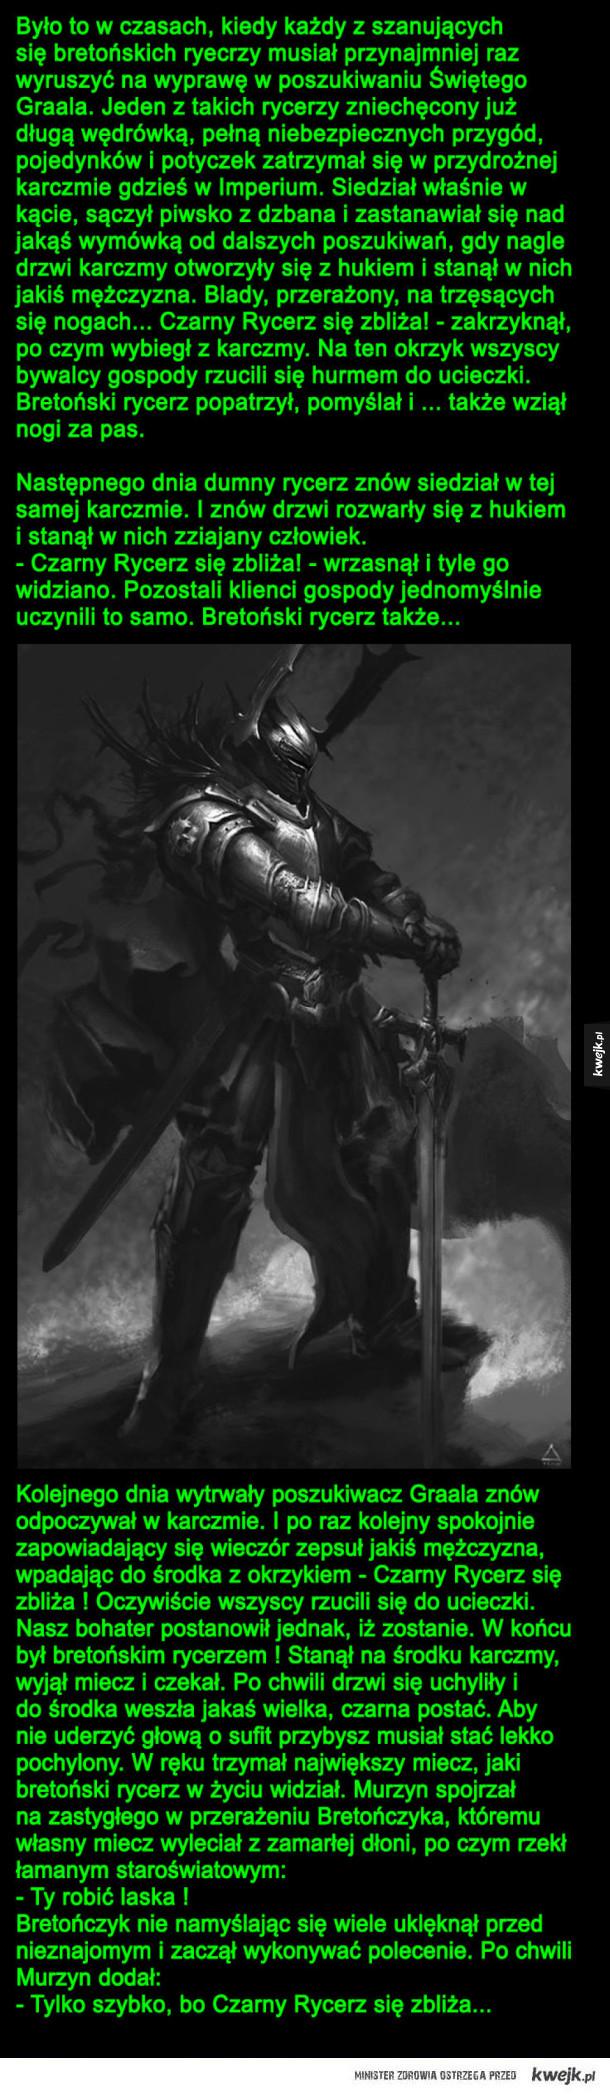 Klechda o Czarnym Rycerzu